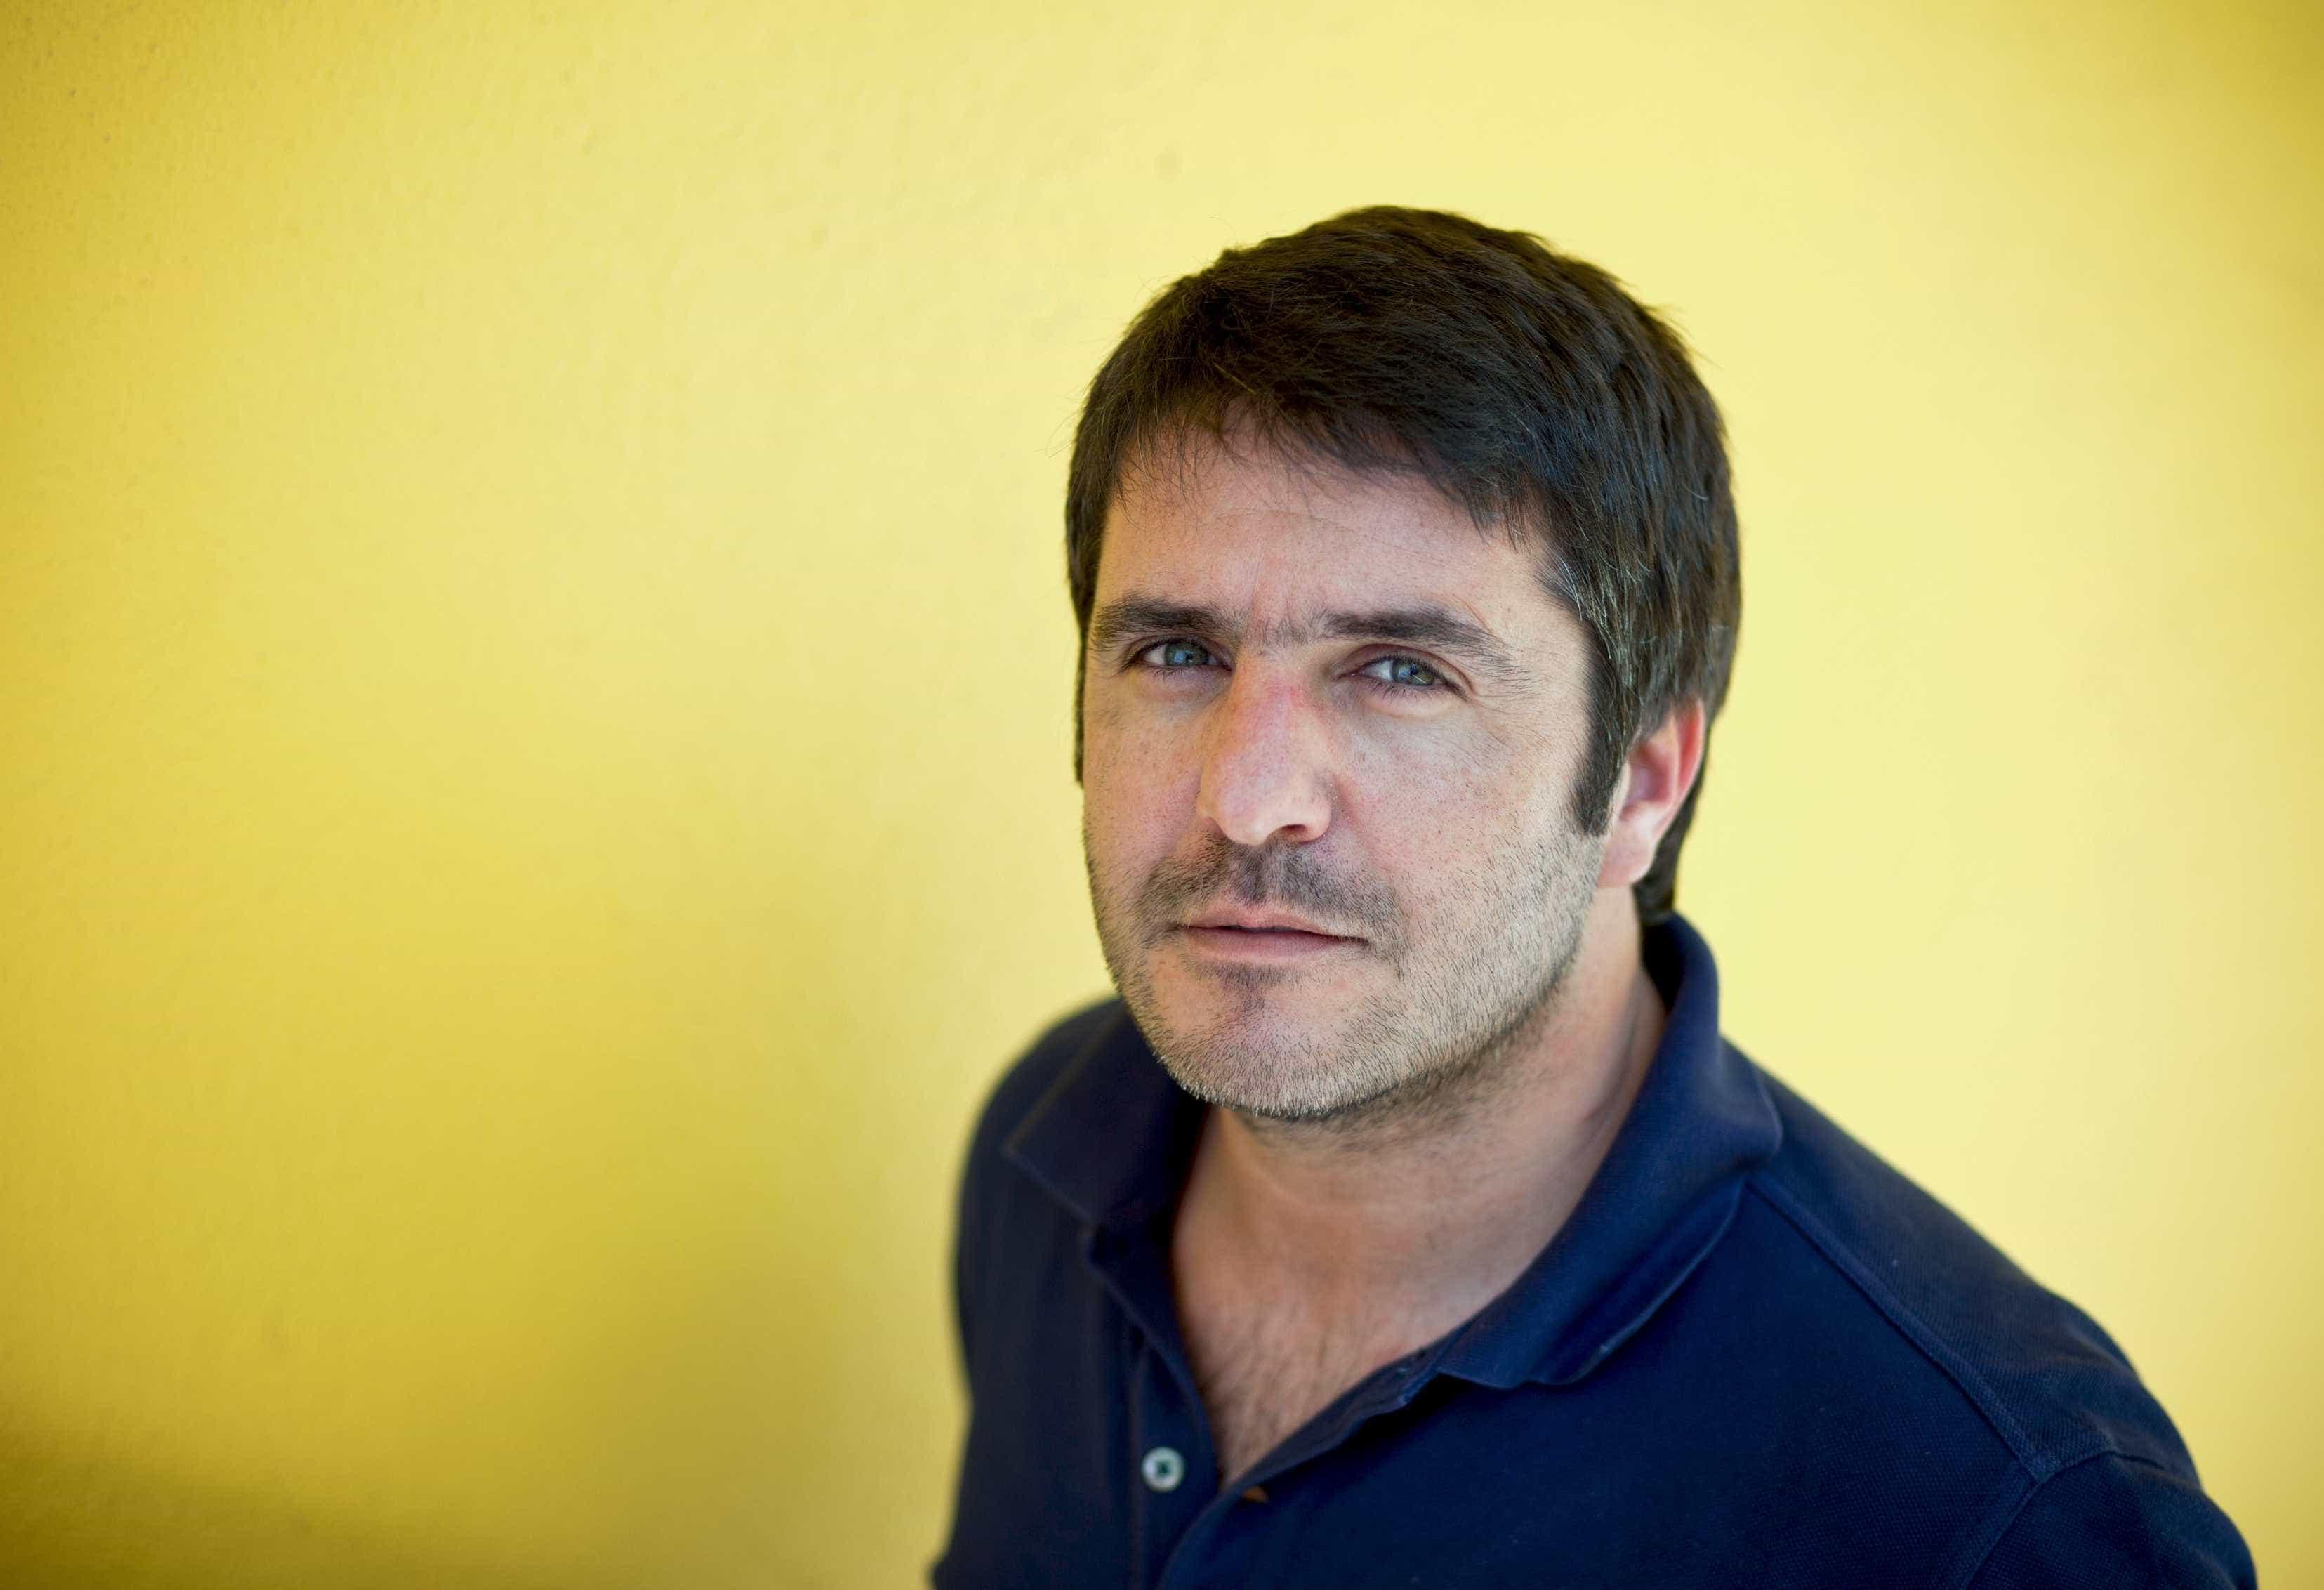 """Pedro Moutinho quis """"arriscar mais"""" no novo álbum 'Um Fado ao Contrário'"""